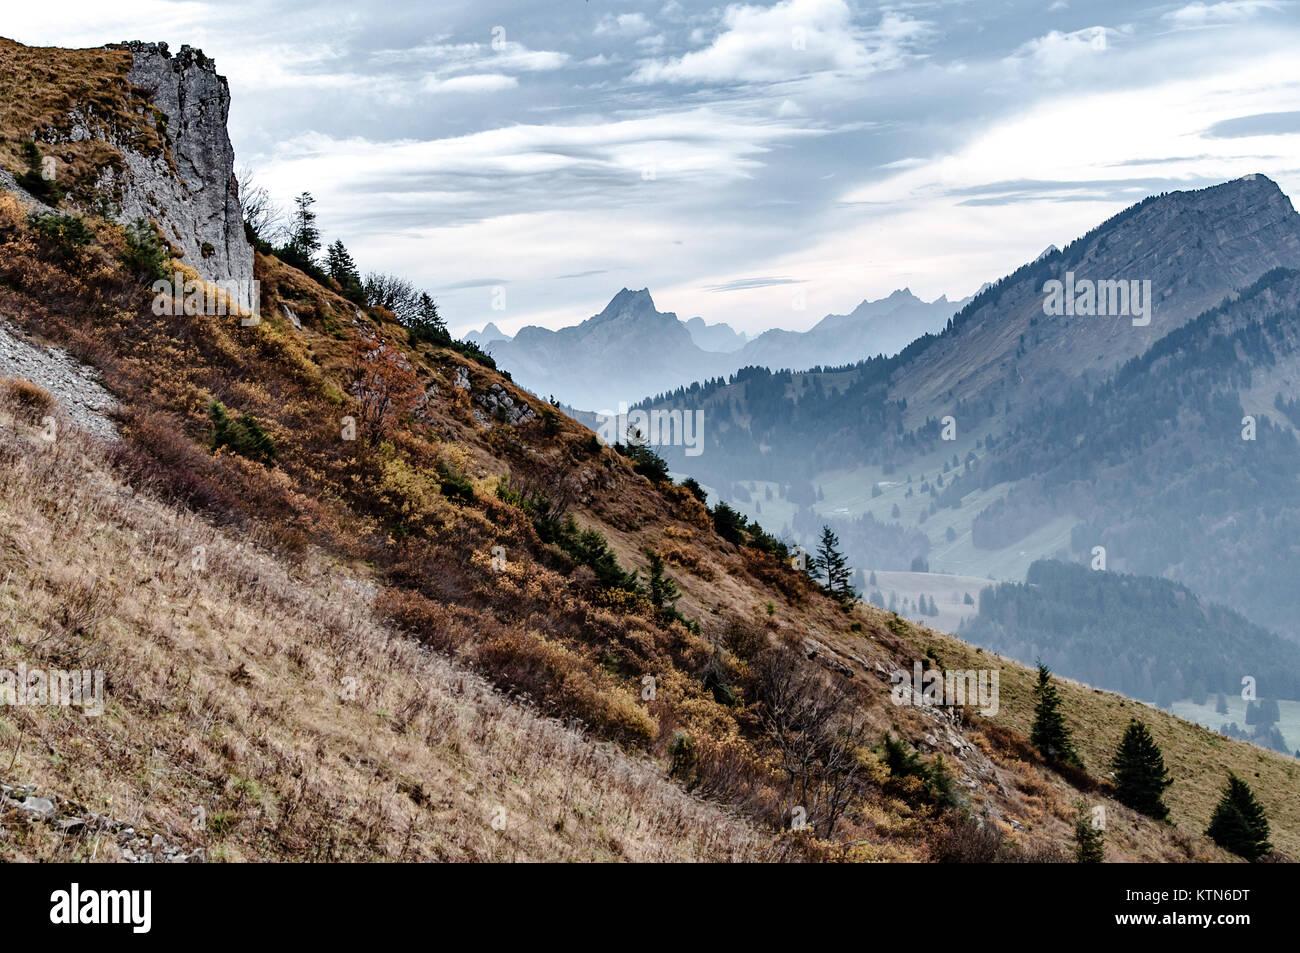 Berge in der Ostschweiz in der Nähe von Appenzell. Stockbild